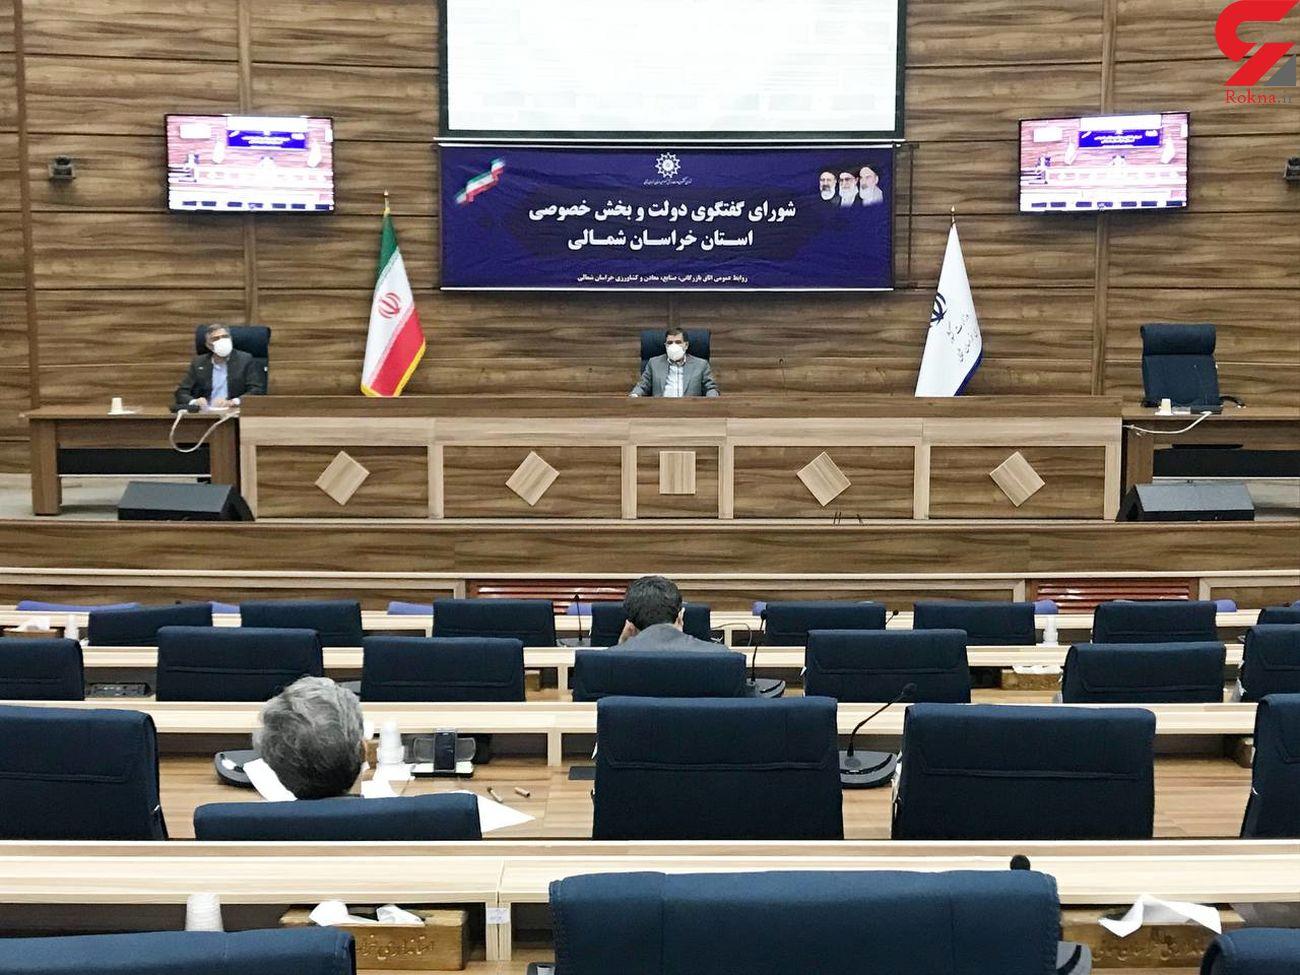 بازارچه های مرزی در استان از مصوبات ملی است